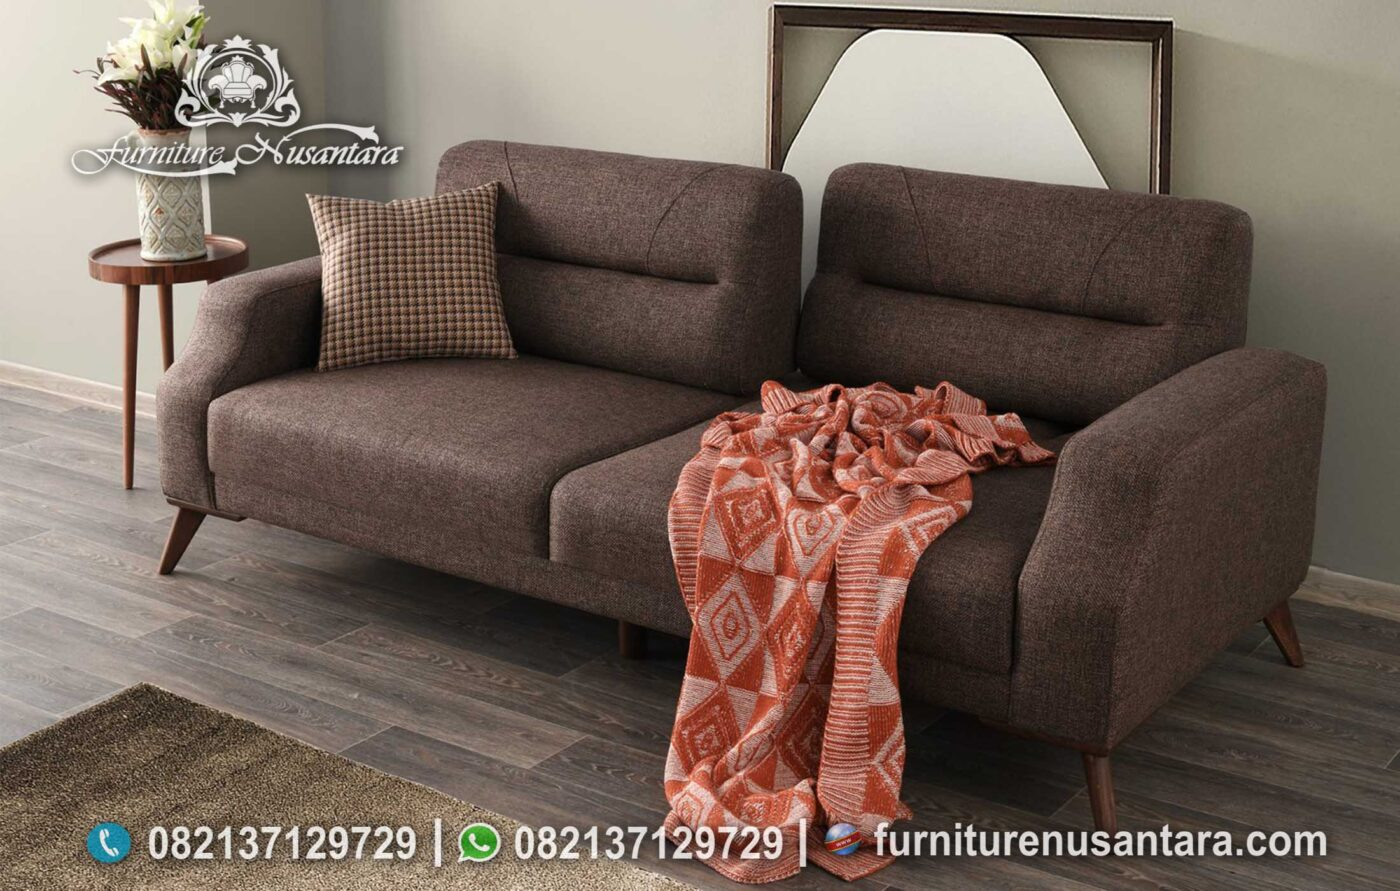 Sofa Bed Minimalis 2 Dudukan Coklat ST-107, Furniture Nusantara